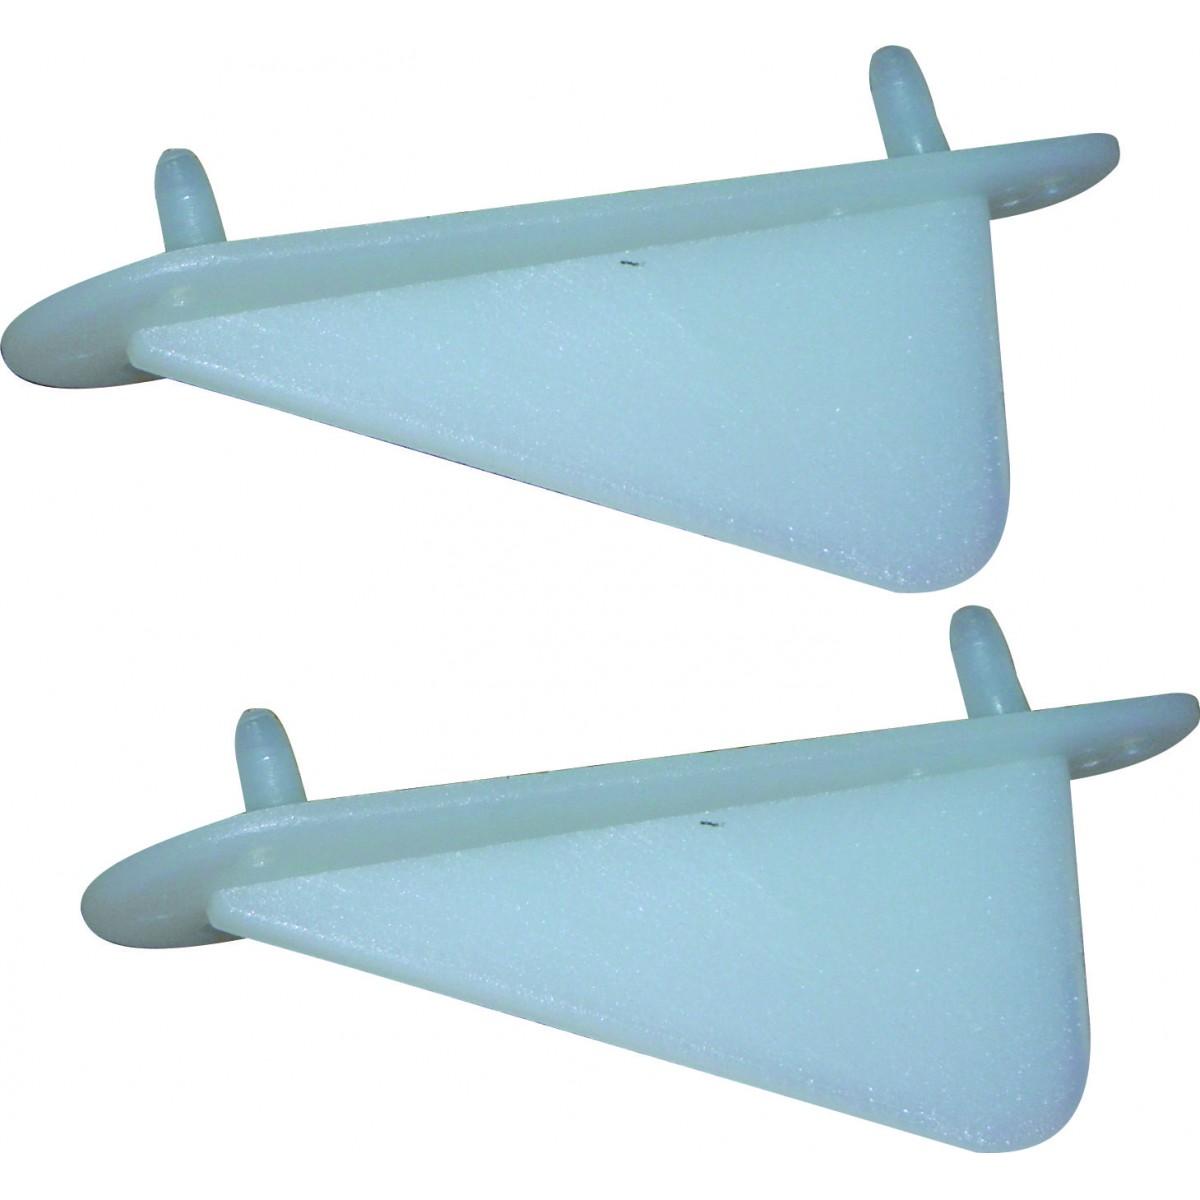 Proteção Anti-Choque para ponta de Asas para aeromodelos a combustão-Grande  - King Models